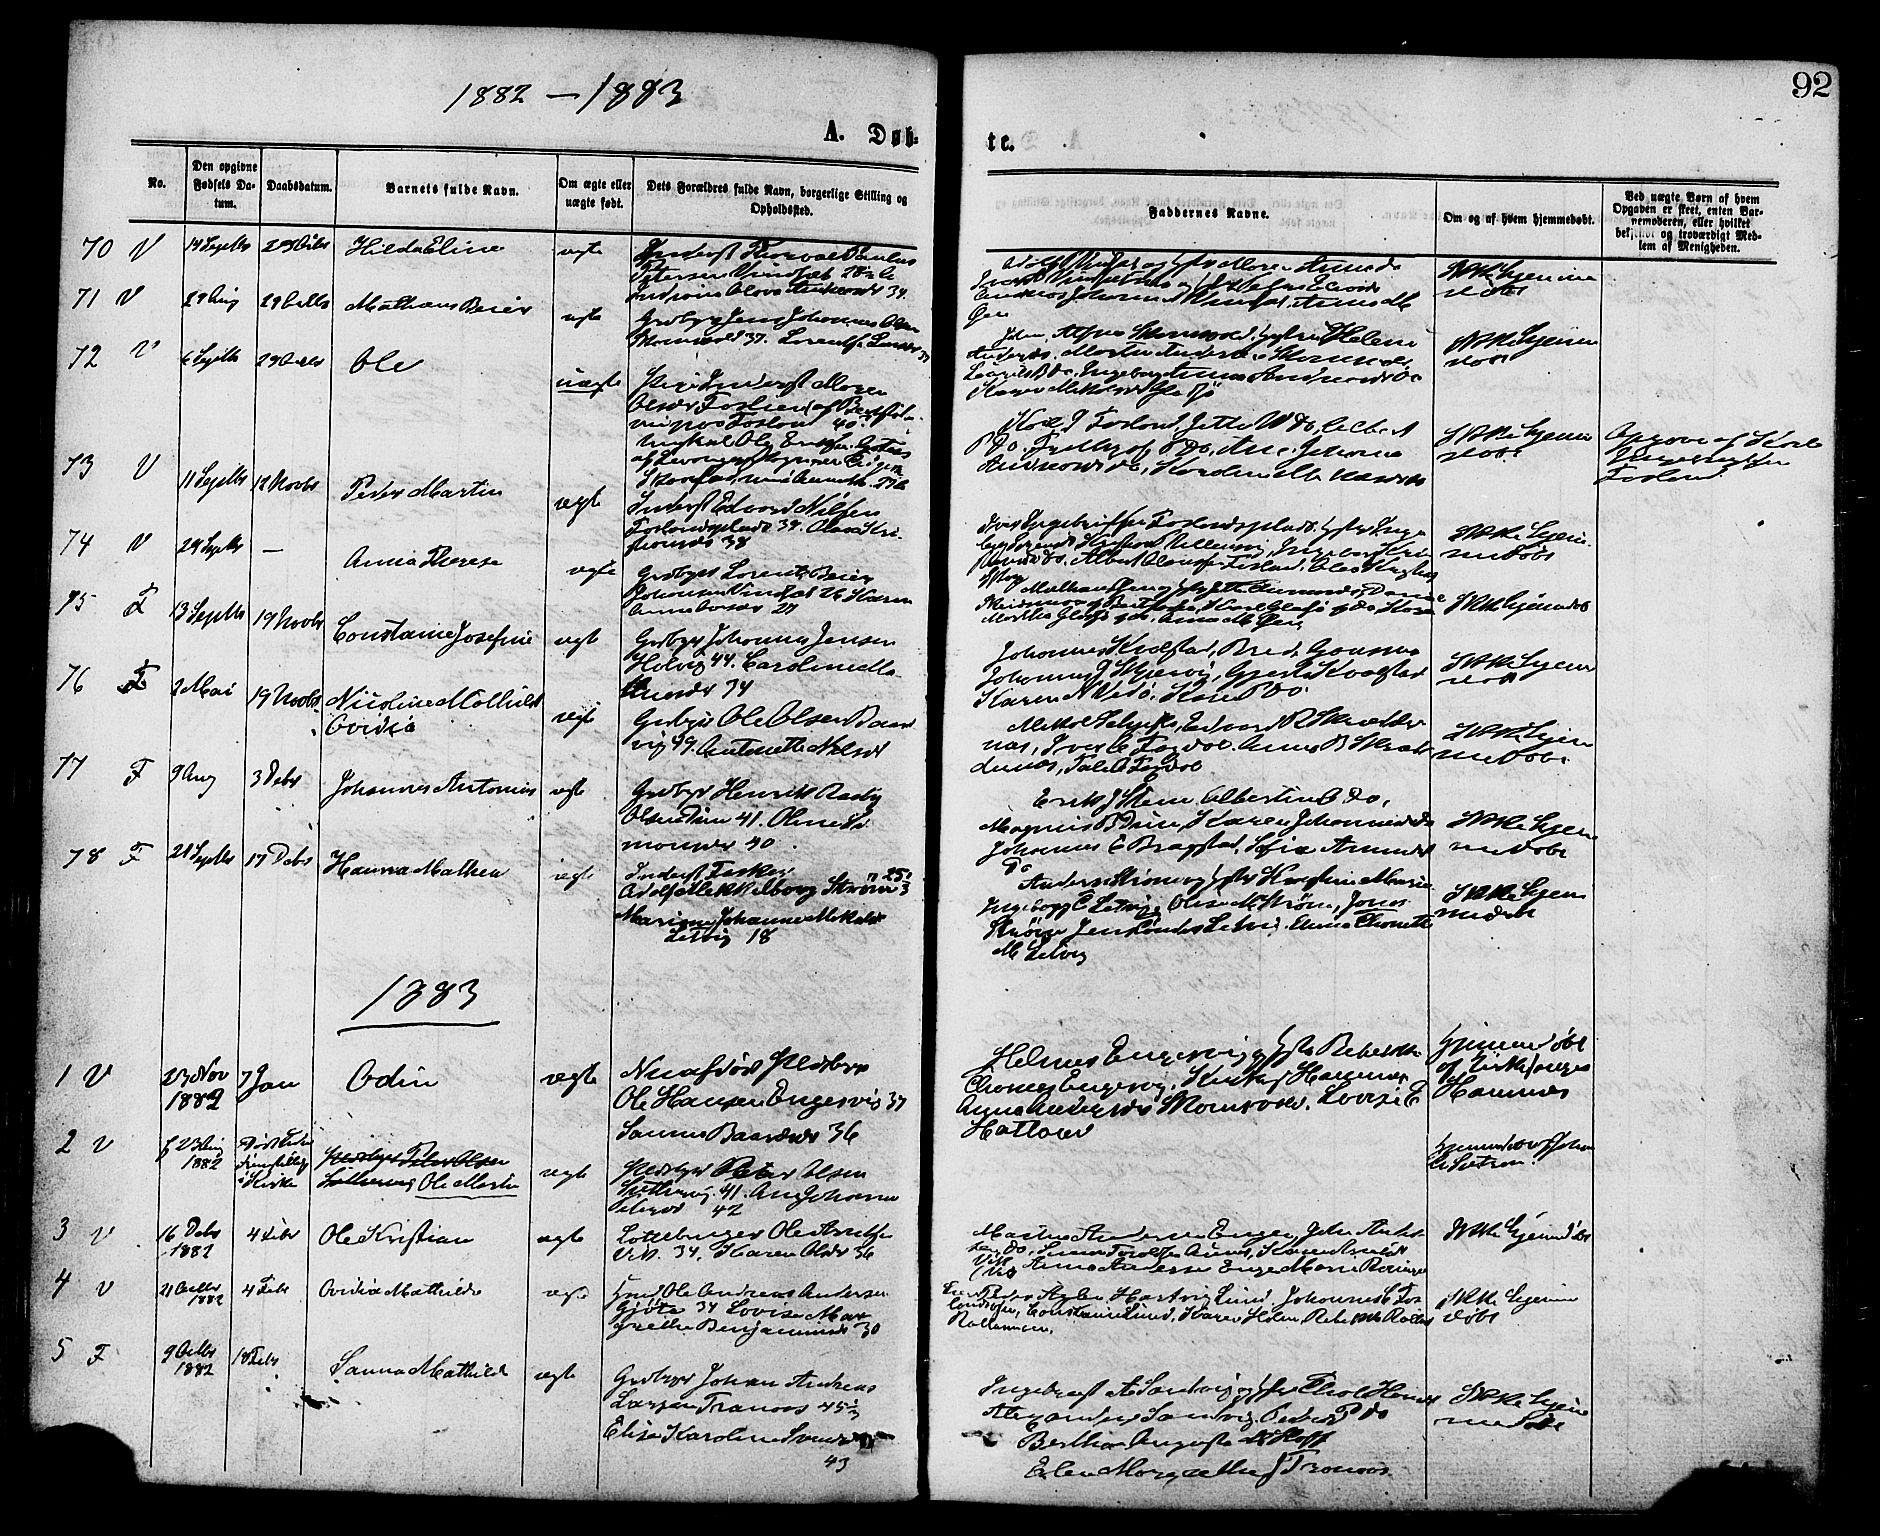 SAT, Ministerialprotokoller, klokkerbøker og fødselsregistre - Nord-Trøndelag, 773/L0616: Ministerialbok nr. 773A07, 1870-1887, s. 92